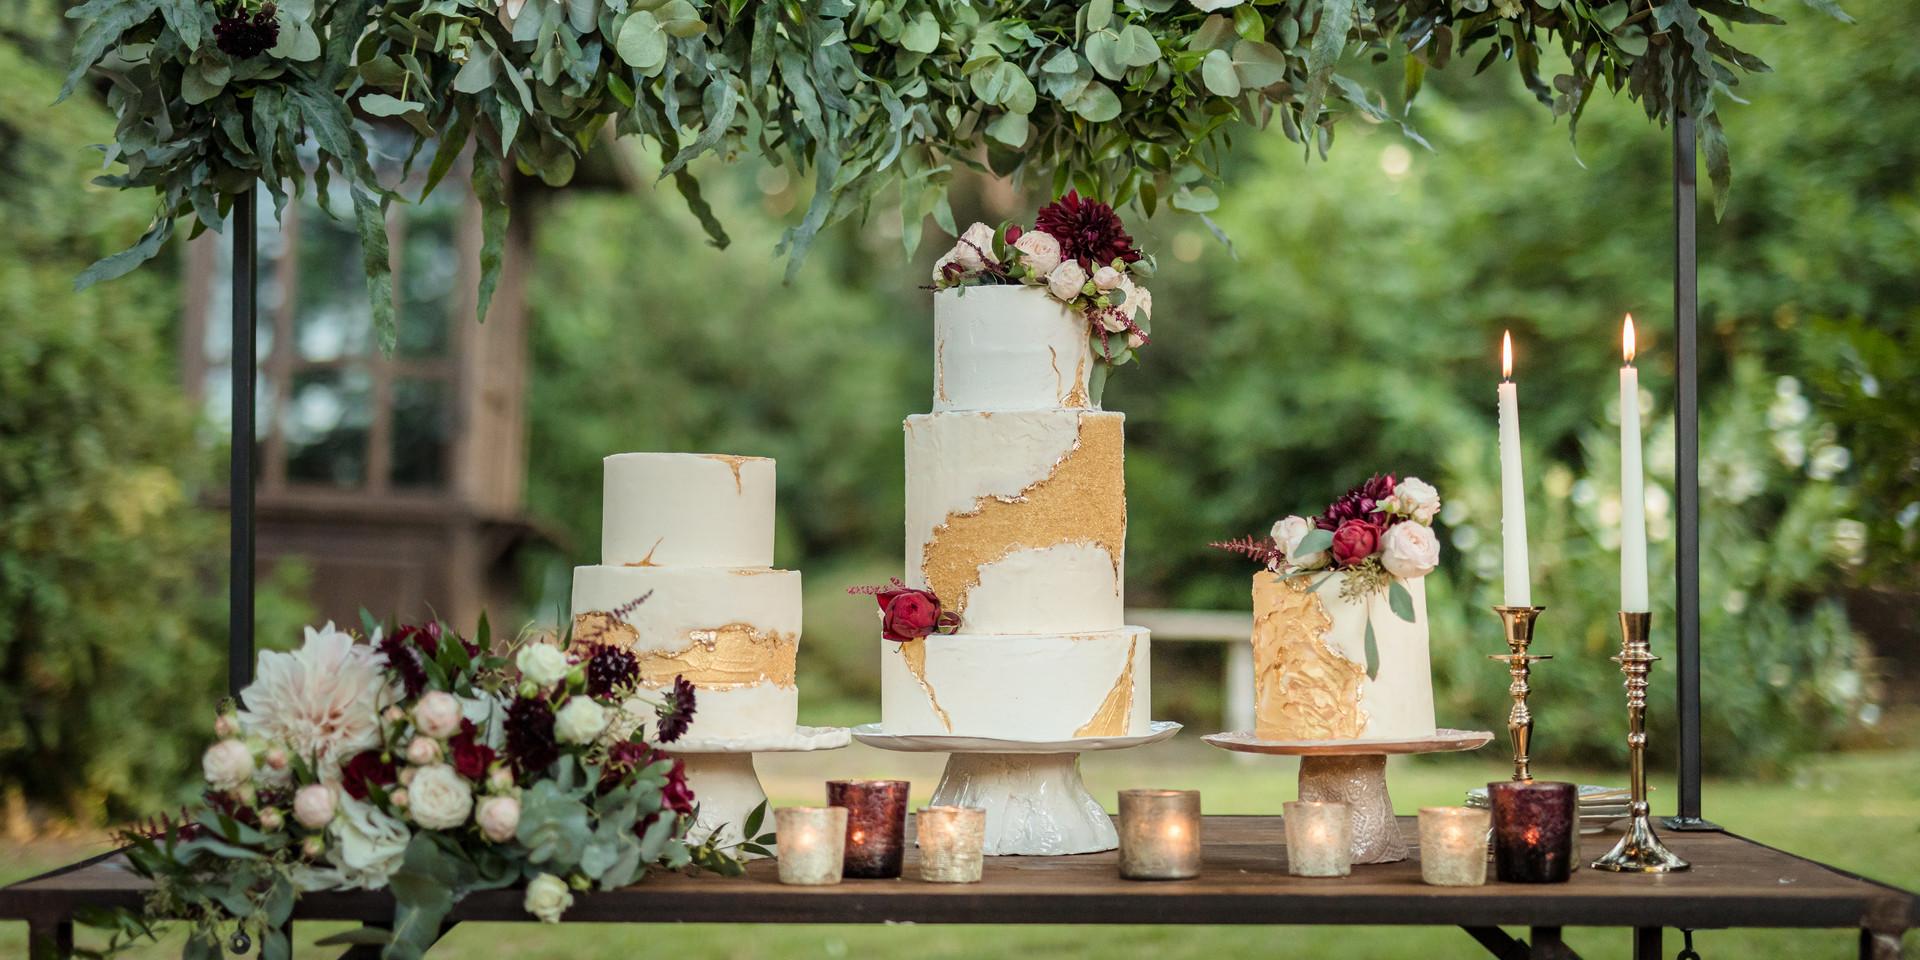 torte di matrimonio uniche